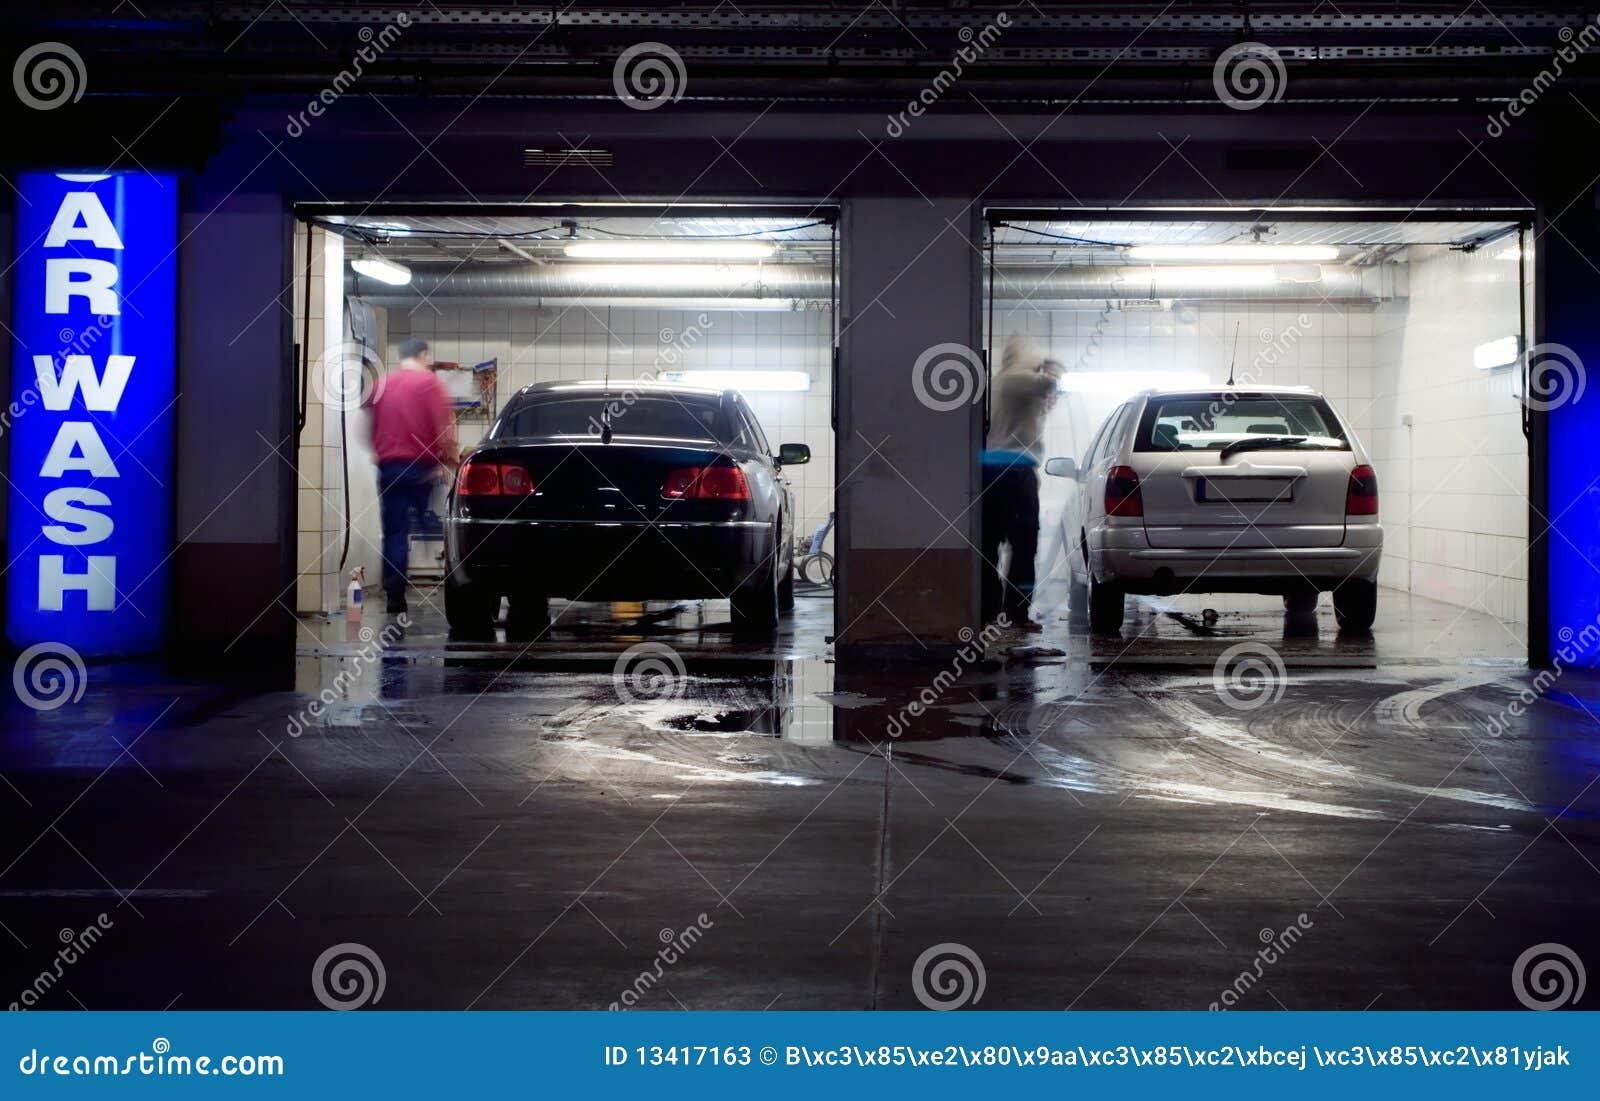 lavage de voiture dans le garage de stationnement souterrain image stock image du noir. Black Bedroom Furniture Sets. Home Design Ideas